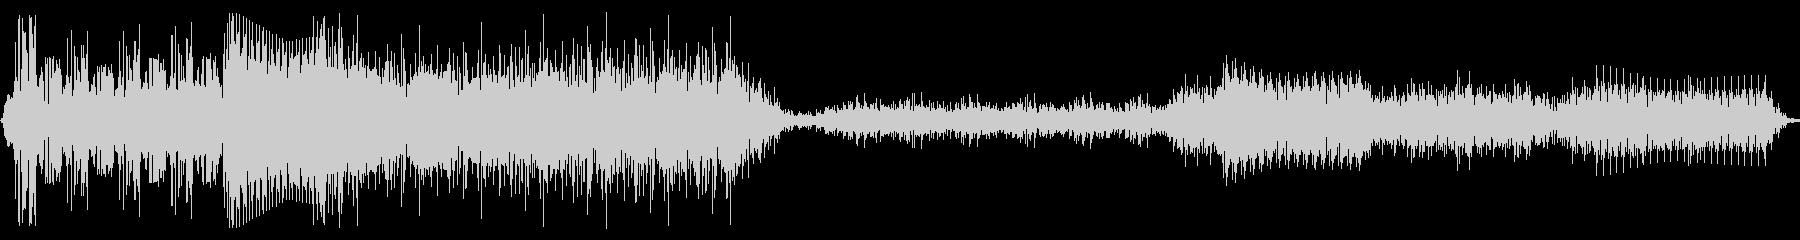 誤作動スワイプ1の未再生の波形